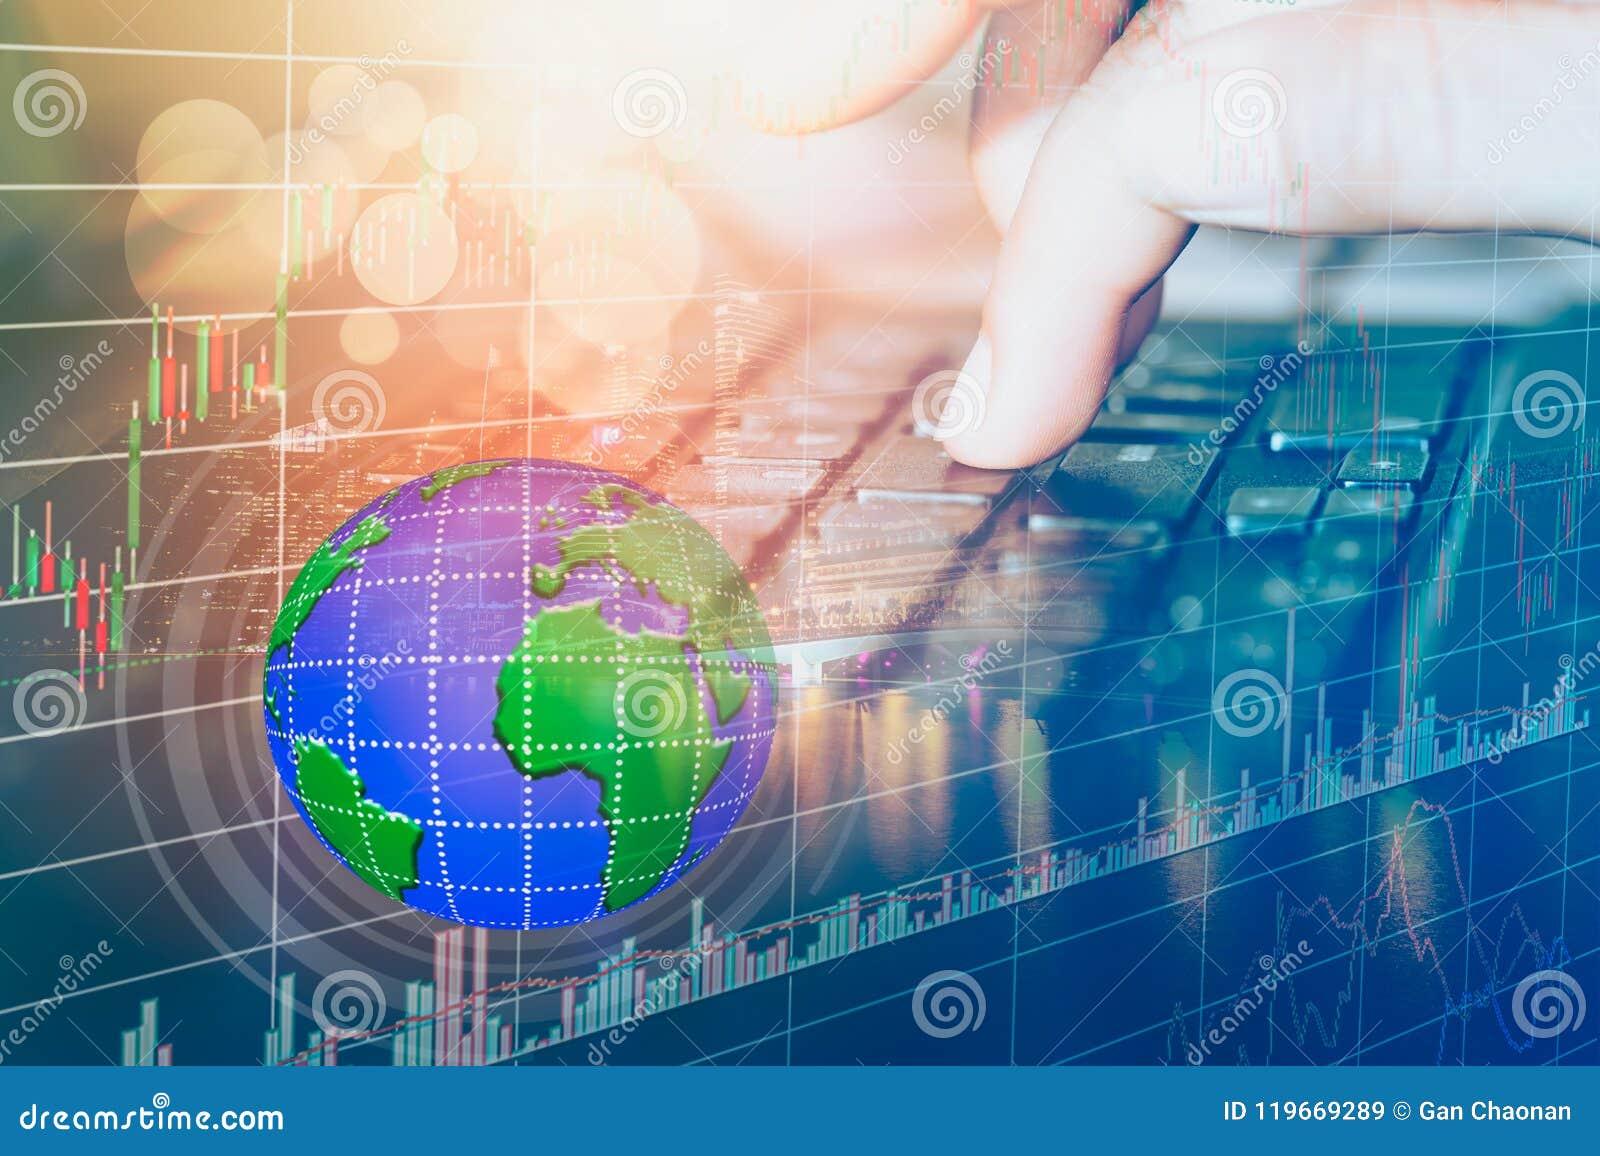 Börse oder Devisenhandelsdiagramm und -kerzenständer entwerfen passendes für Finanzinvestitionskonzept